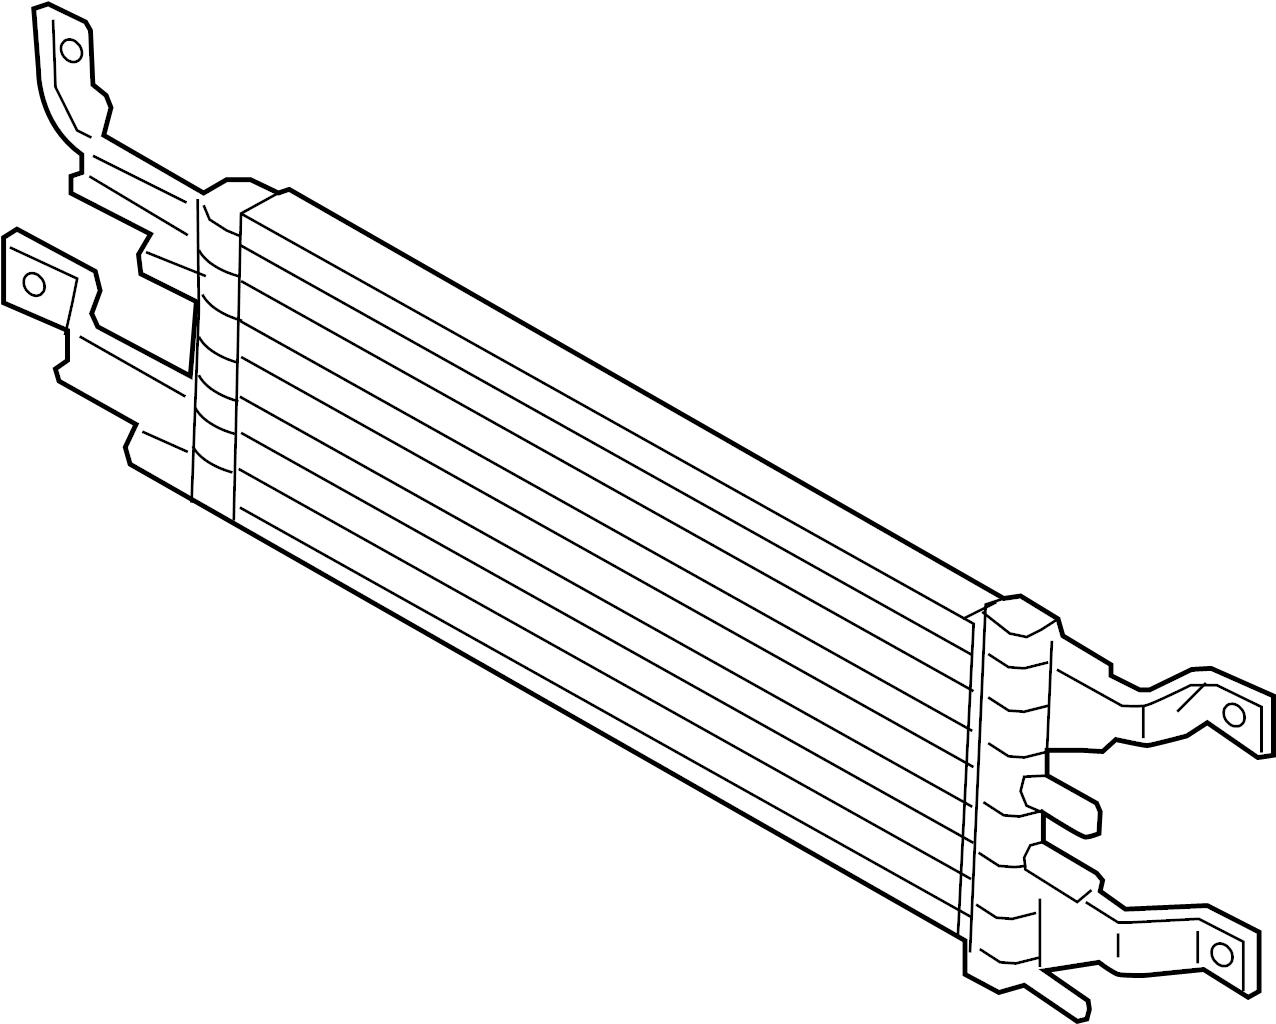 Lincoln Mkz Cooler Oil Transmission 2 0 Liter Dohc 3 7